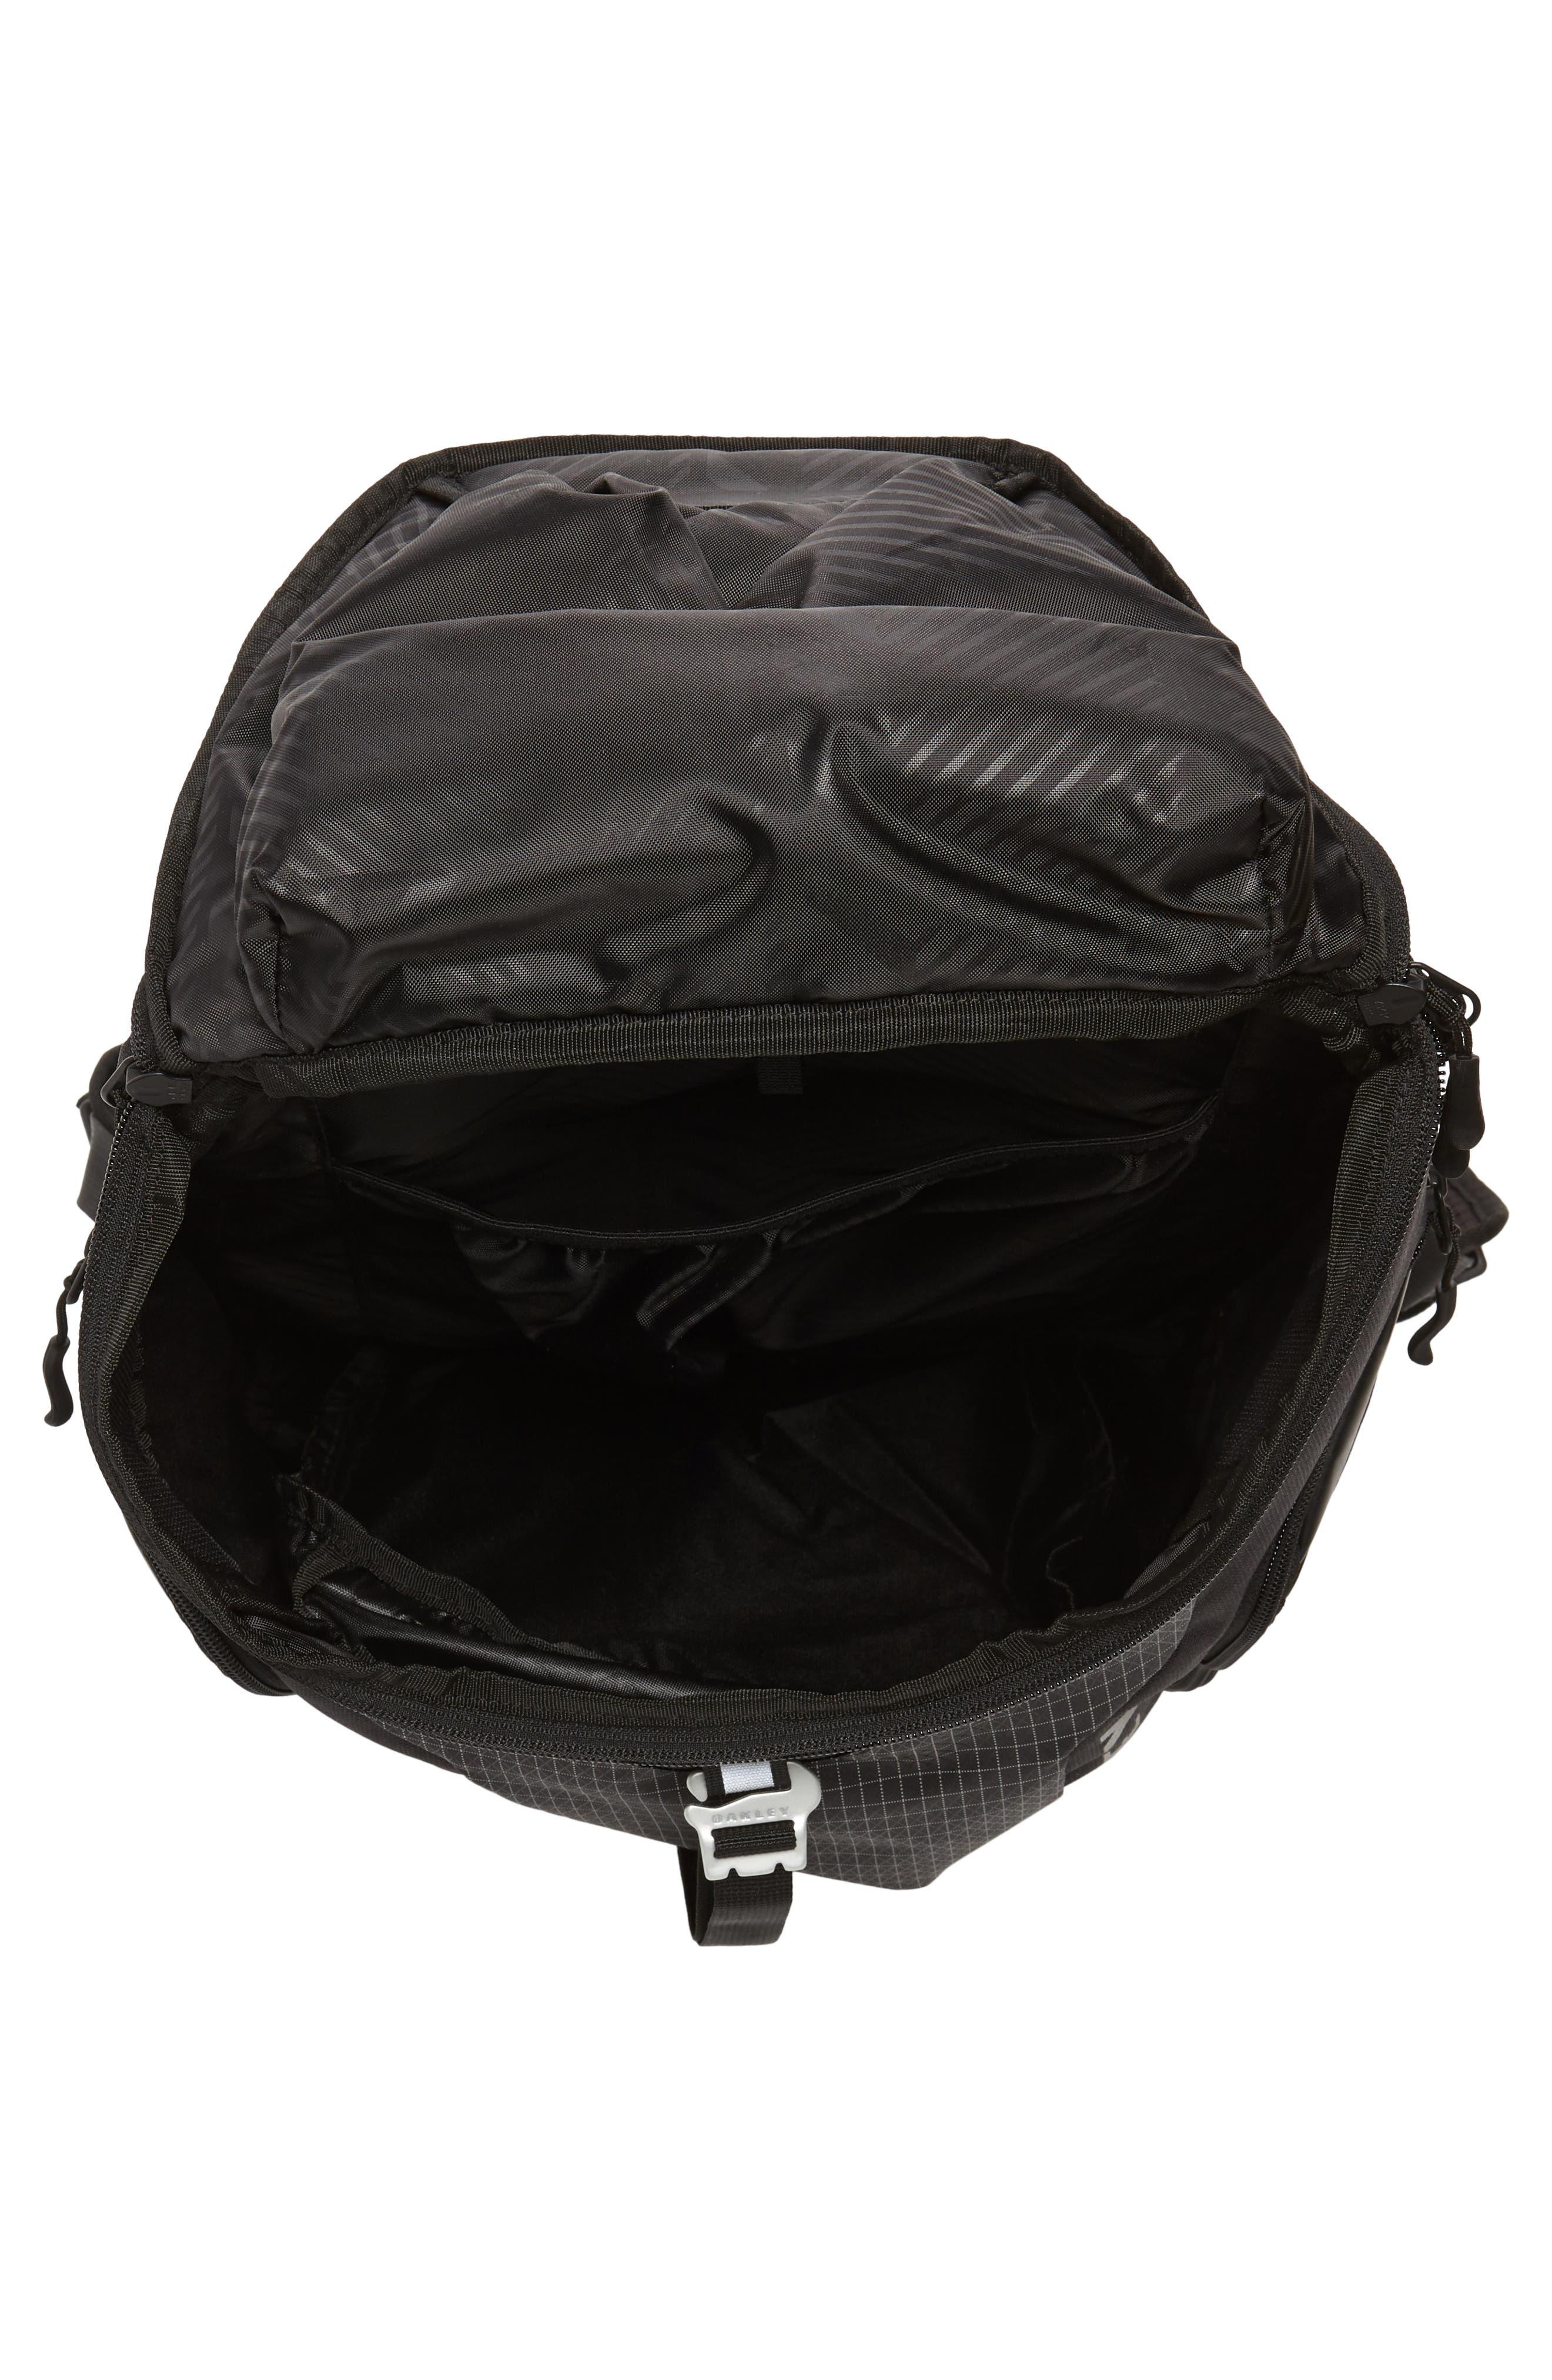 OAKLEY,                             Link Backpack,                             Alternate thumbnail 4, color,                             BLACKOUT